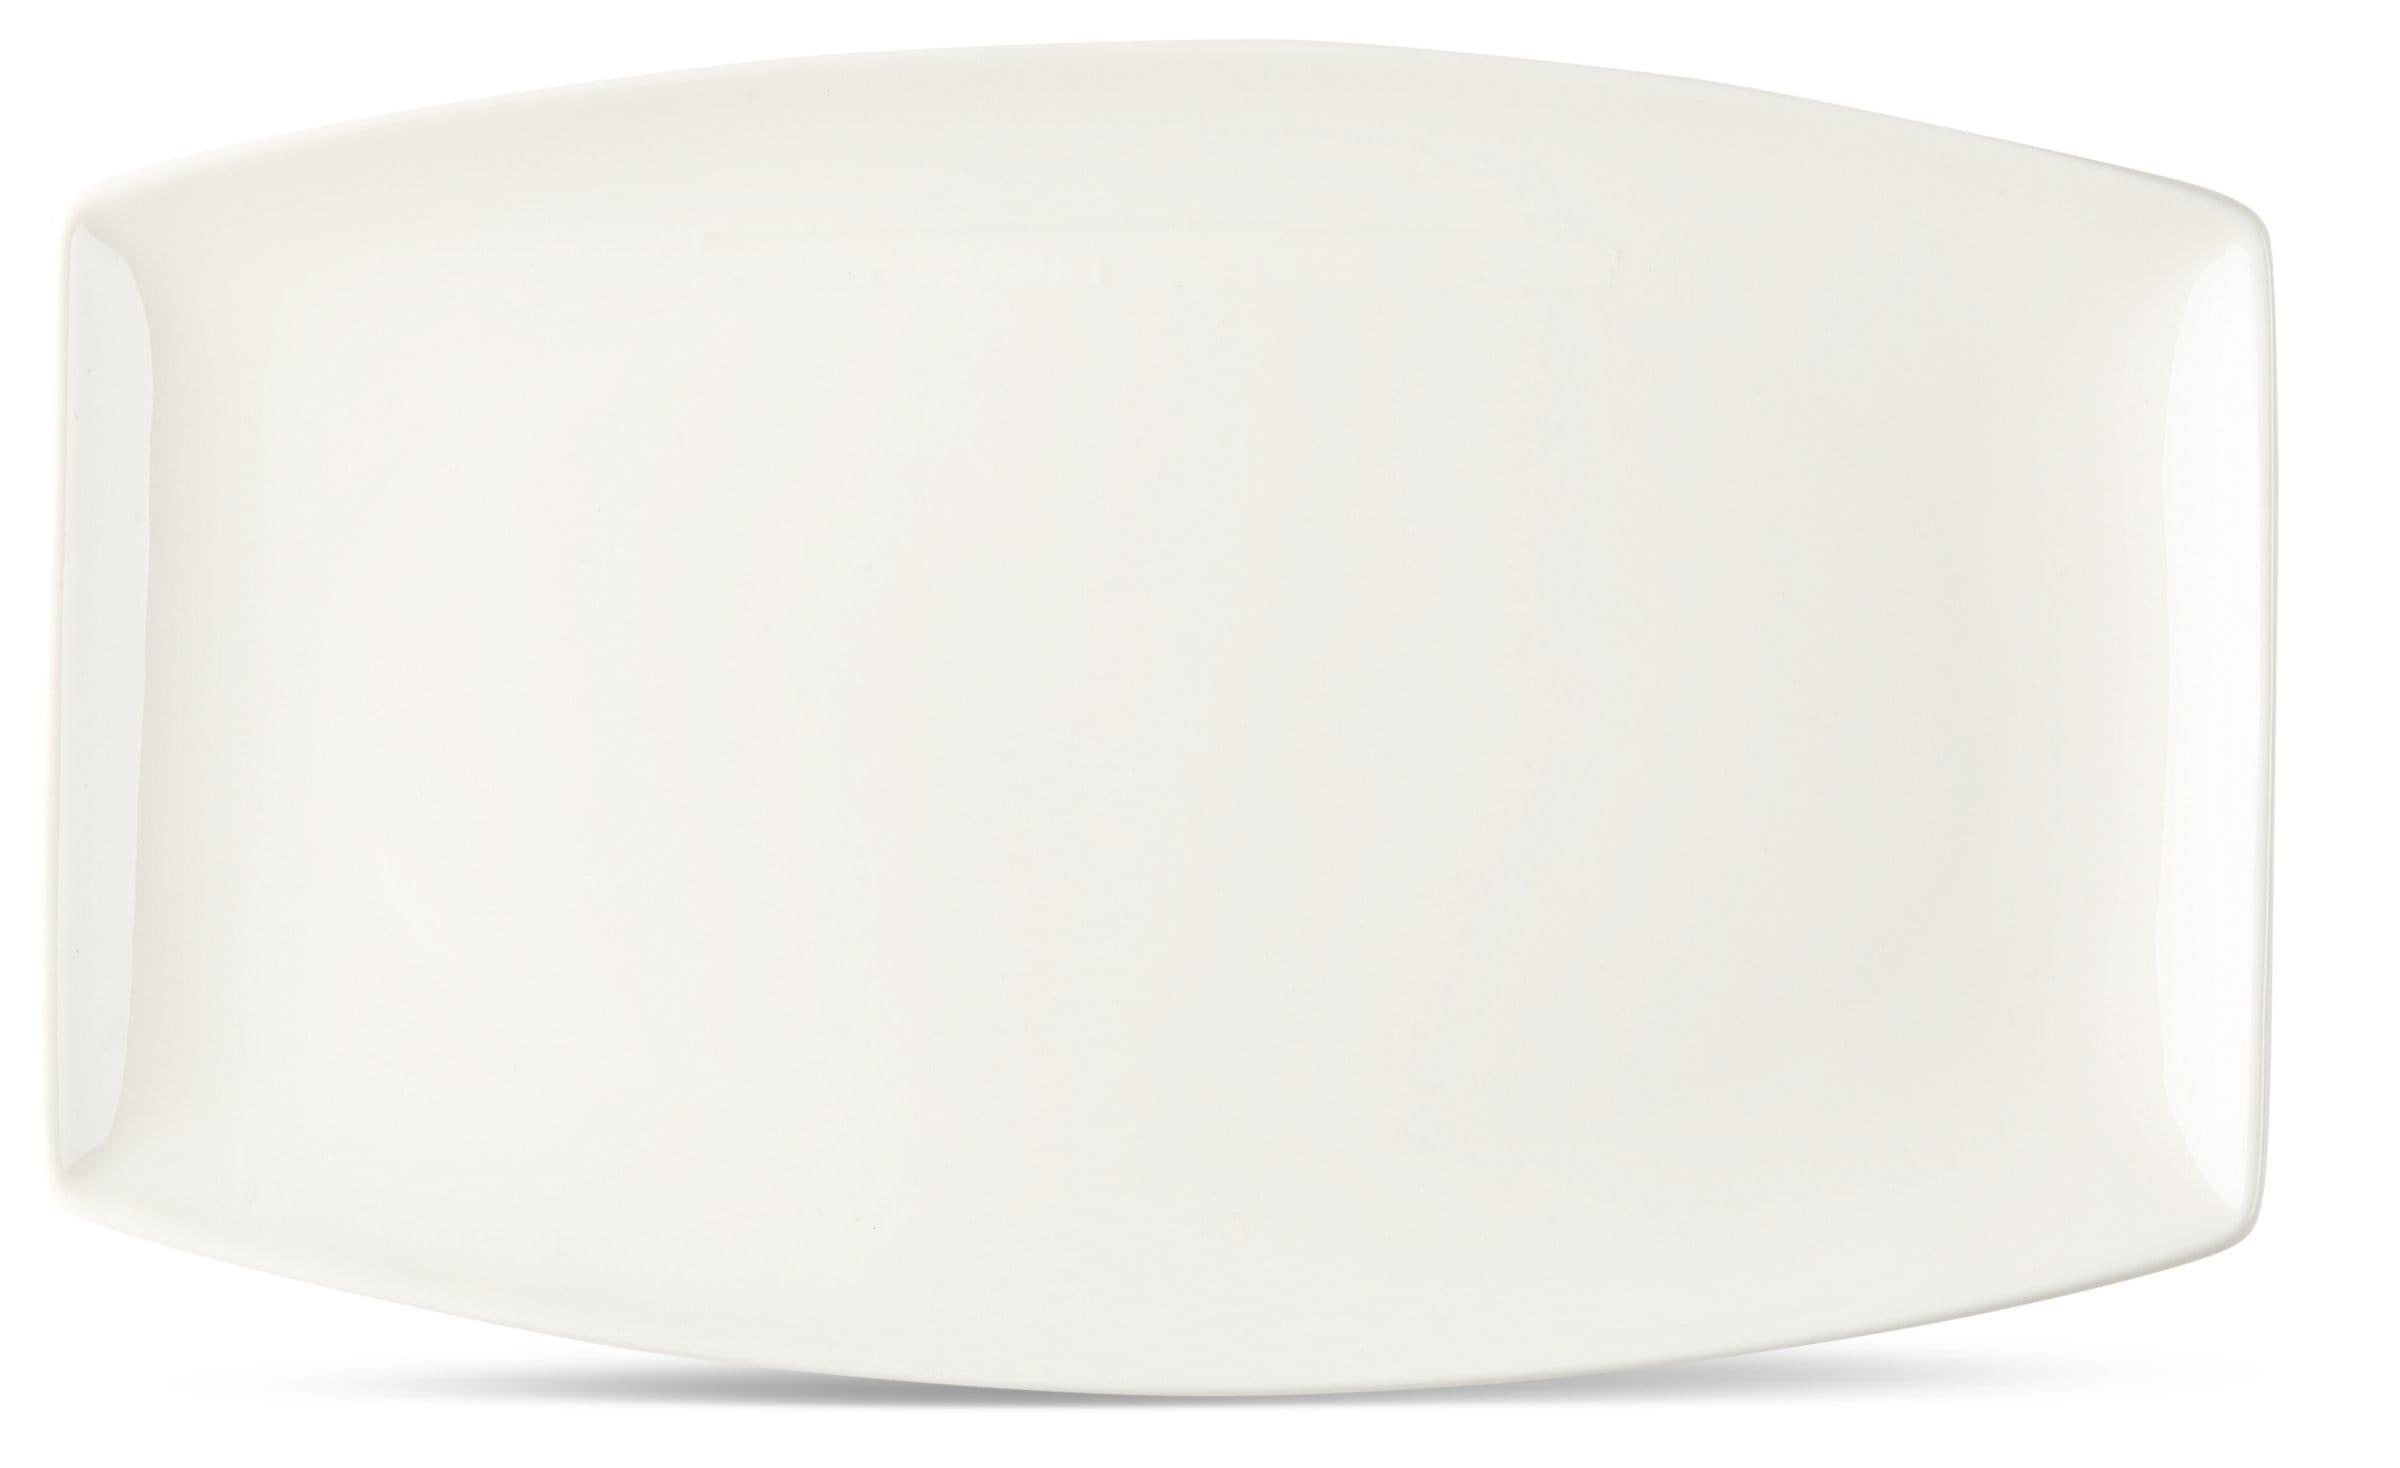 Cucina & Tavola FINE LINE Piatto 22.5x14cm